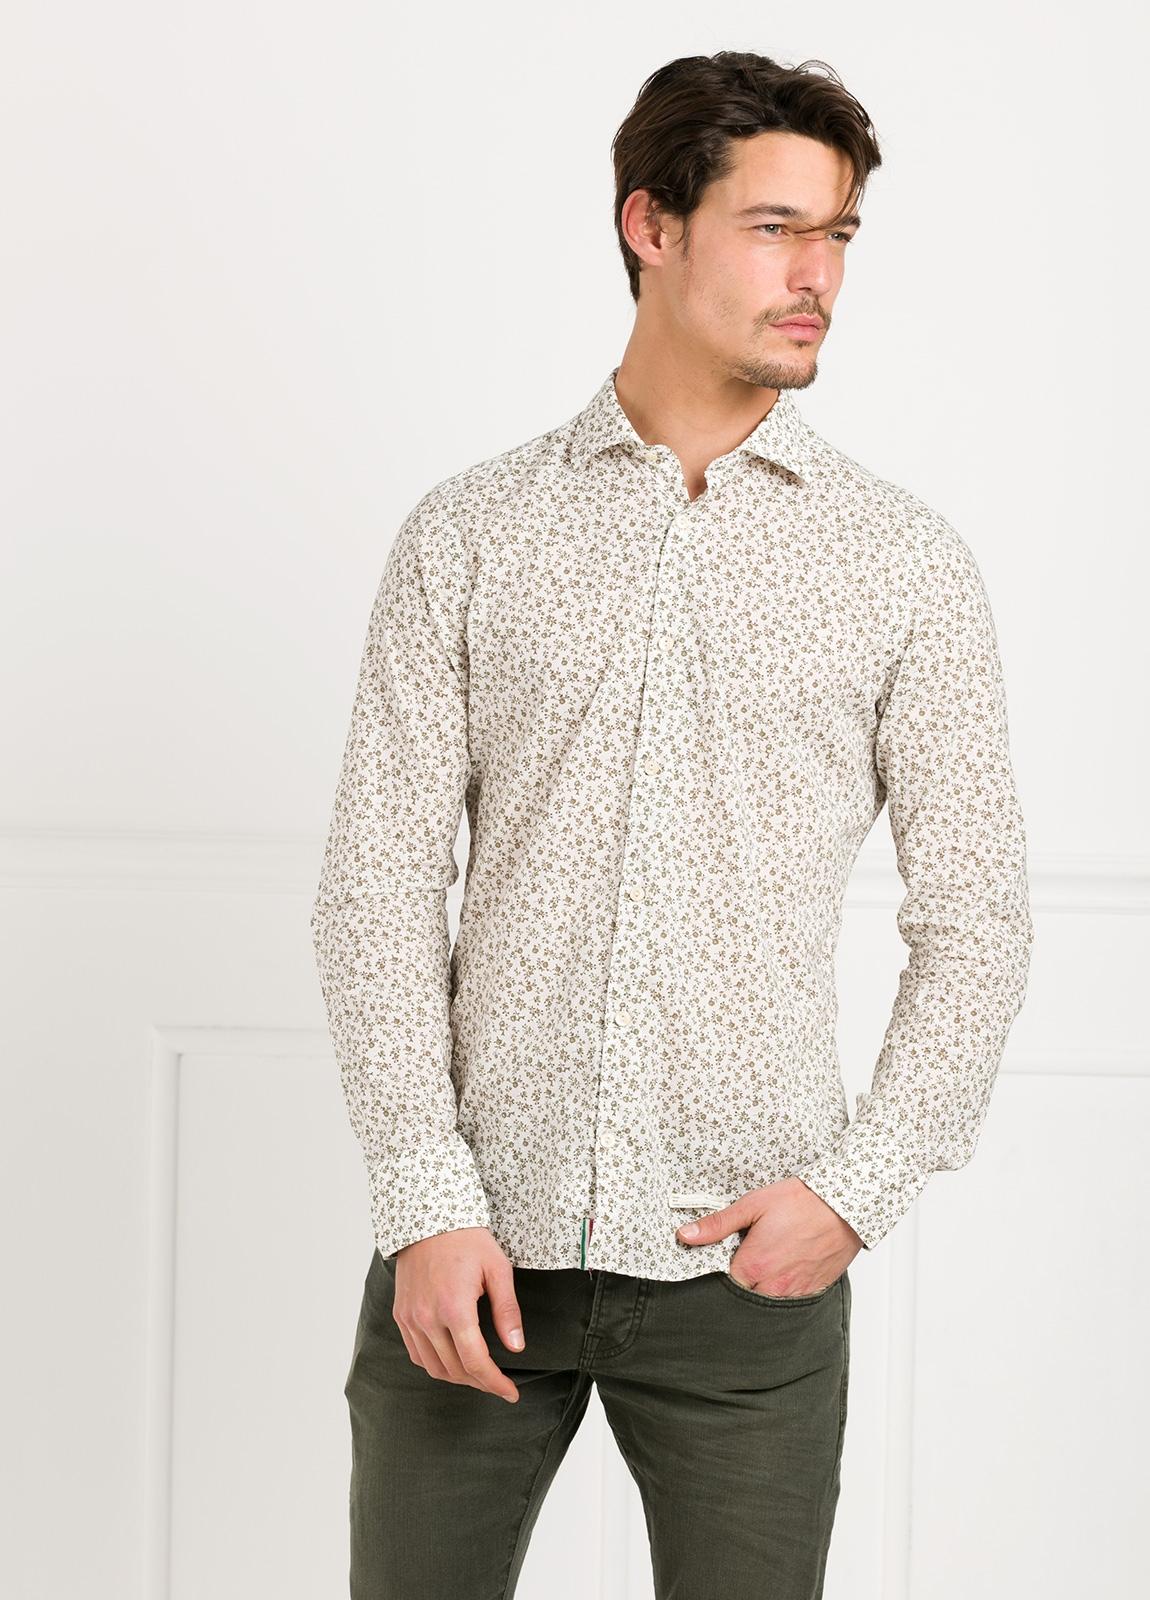 Camisa sport SLIM FIT con estampado floral color beige. 100% Algodón. - Ítem2